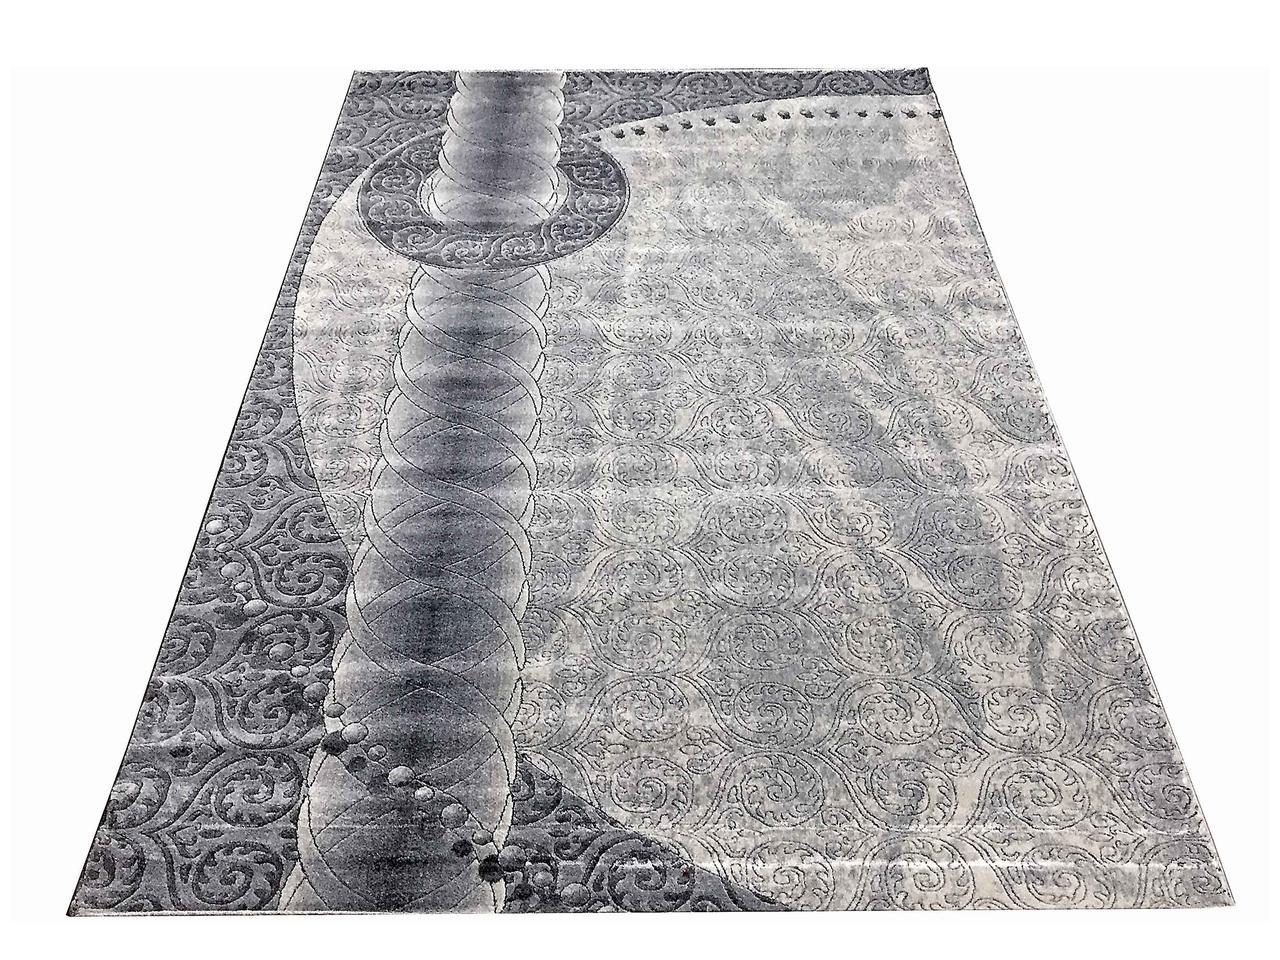 Ковер современный FLORYA 0188 1,6Х2,35 прямоугольник